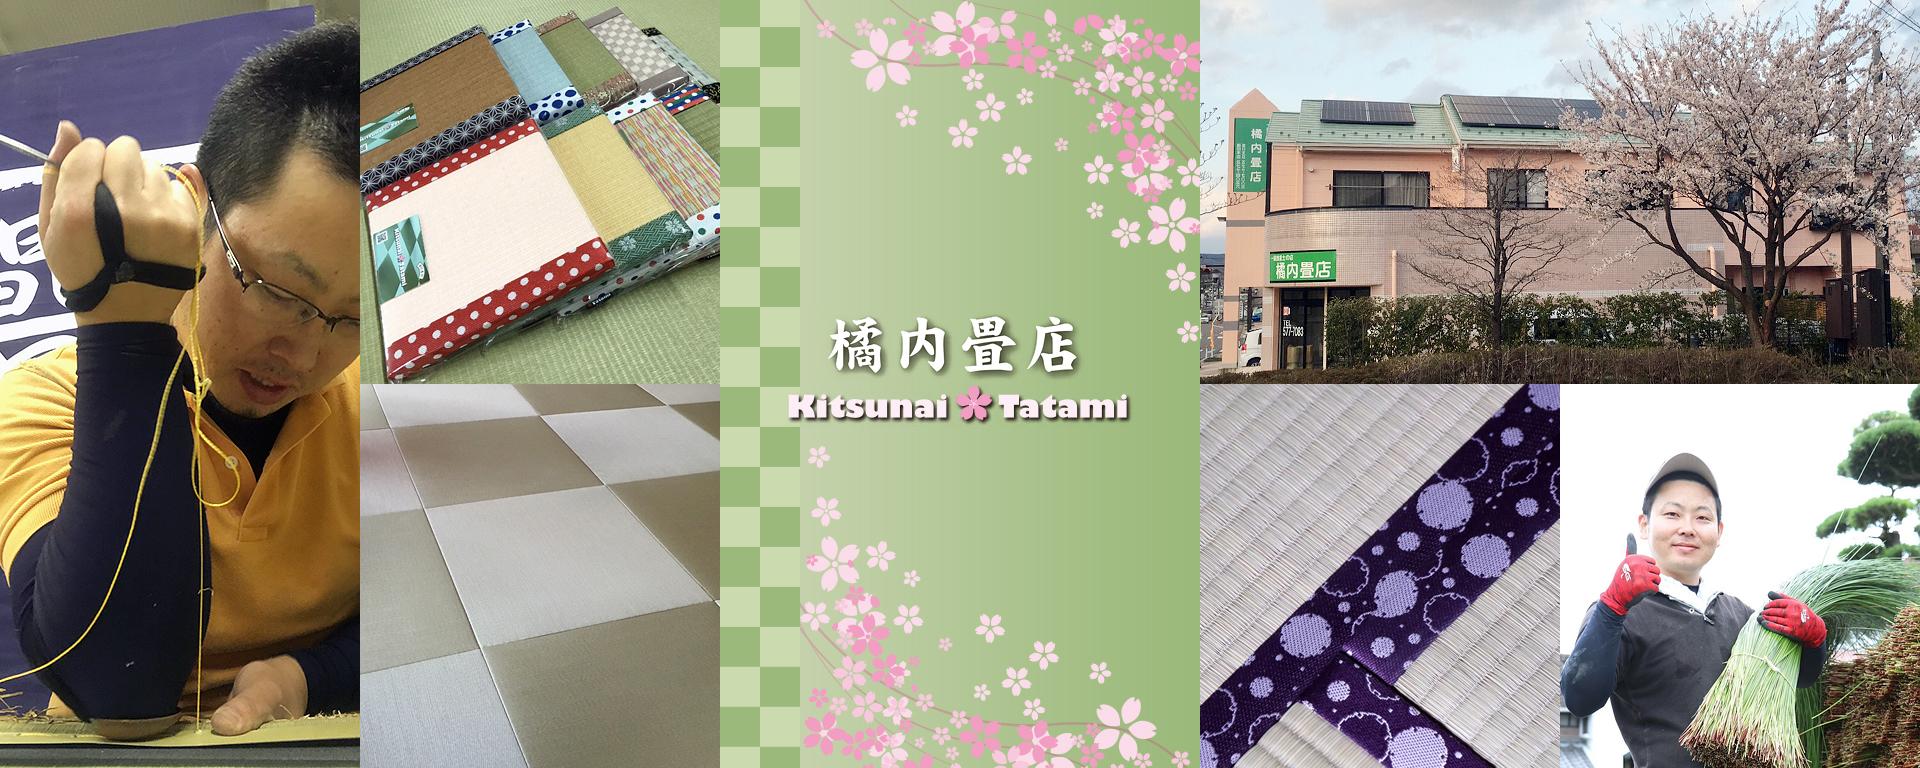 国産畳の店 橘内畳店 | 福島県伊達市